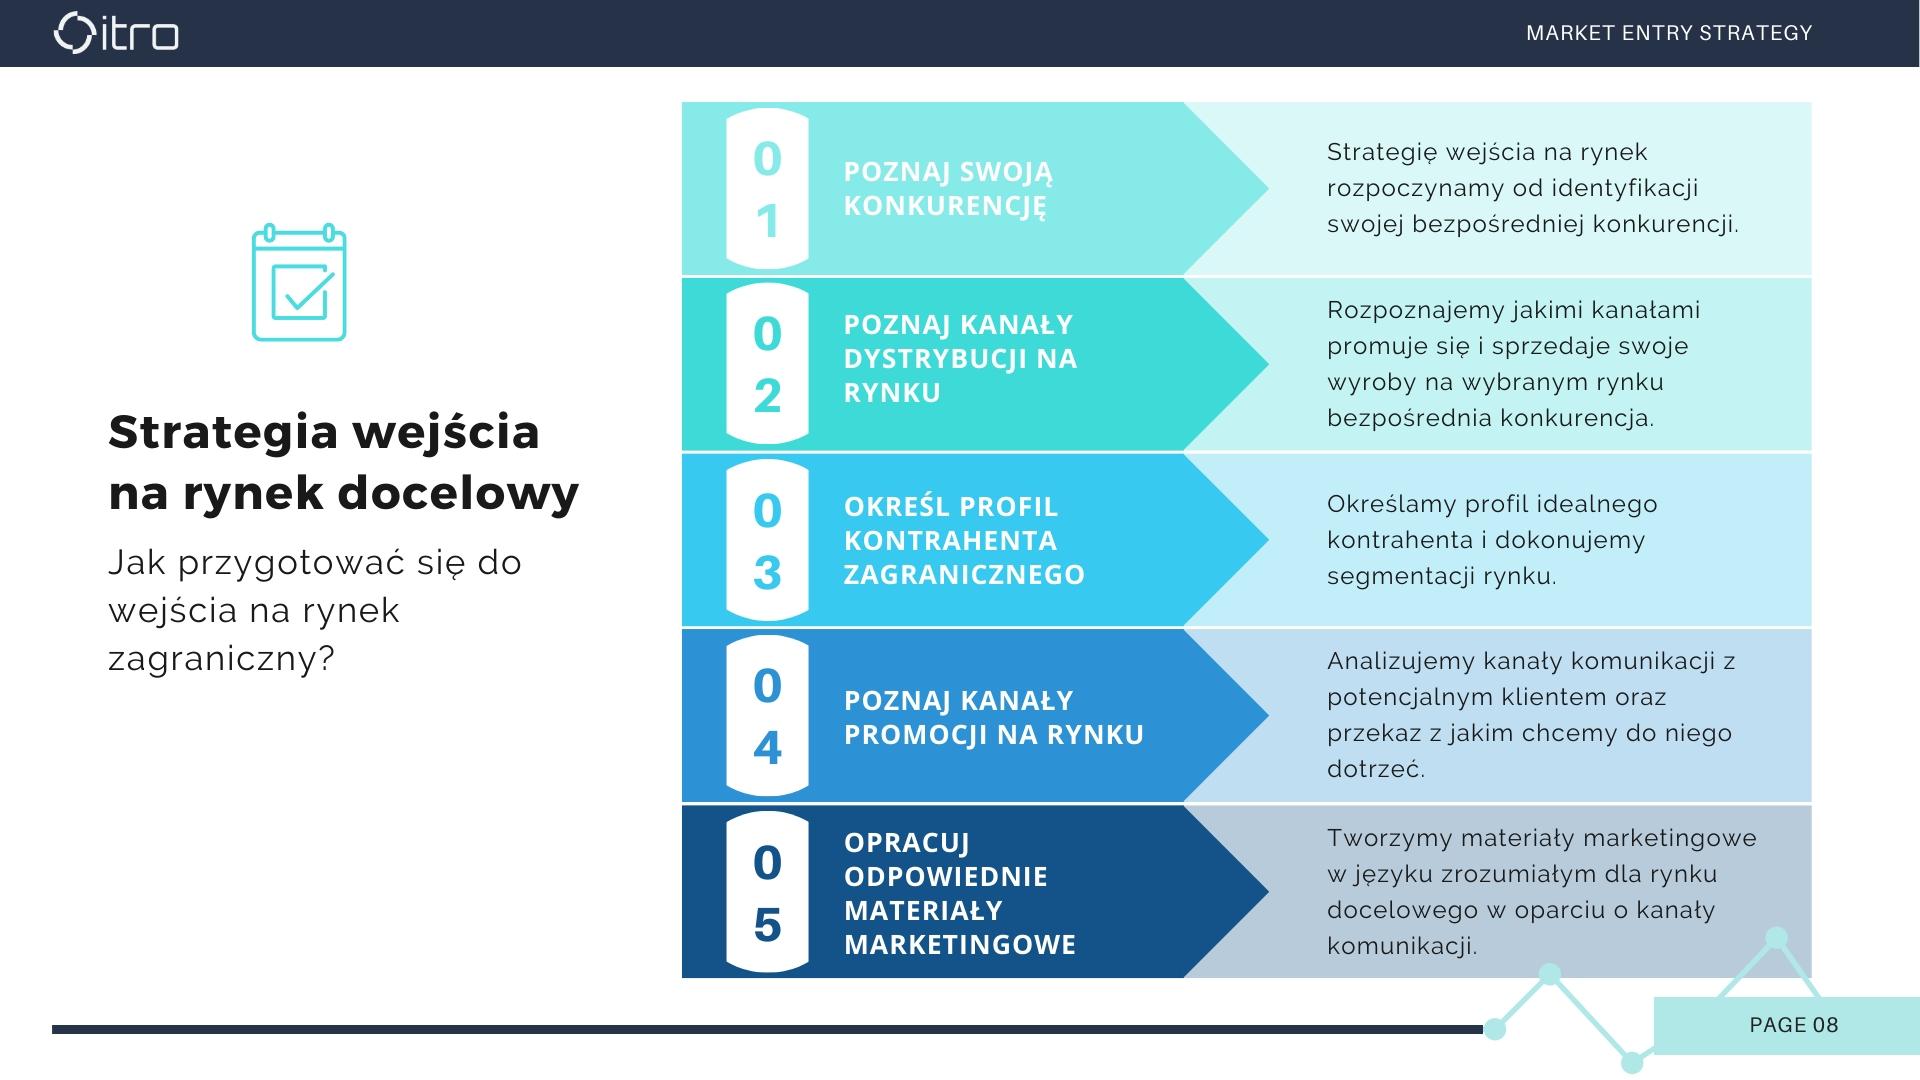 8_Professionalservicestointernationalizeyourbusiness_by ITRO_Strategia wejścia na rynek docelowy_2020